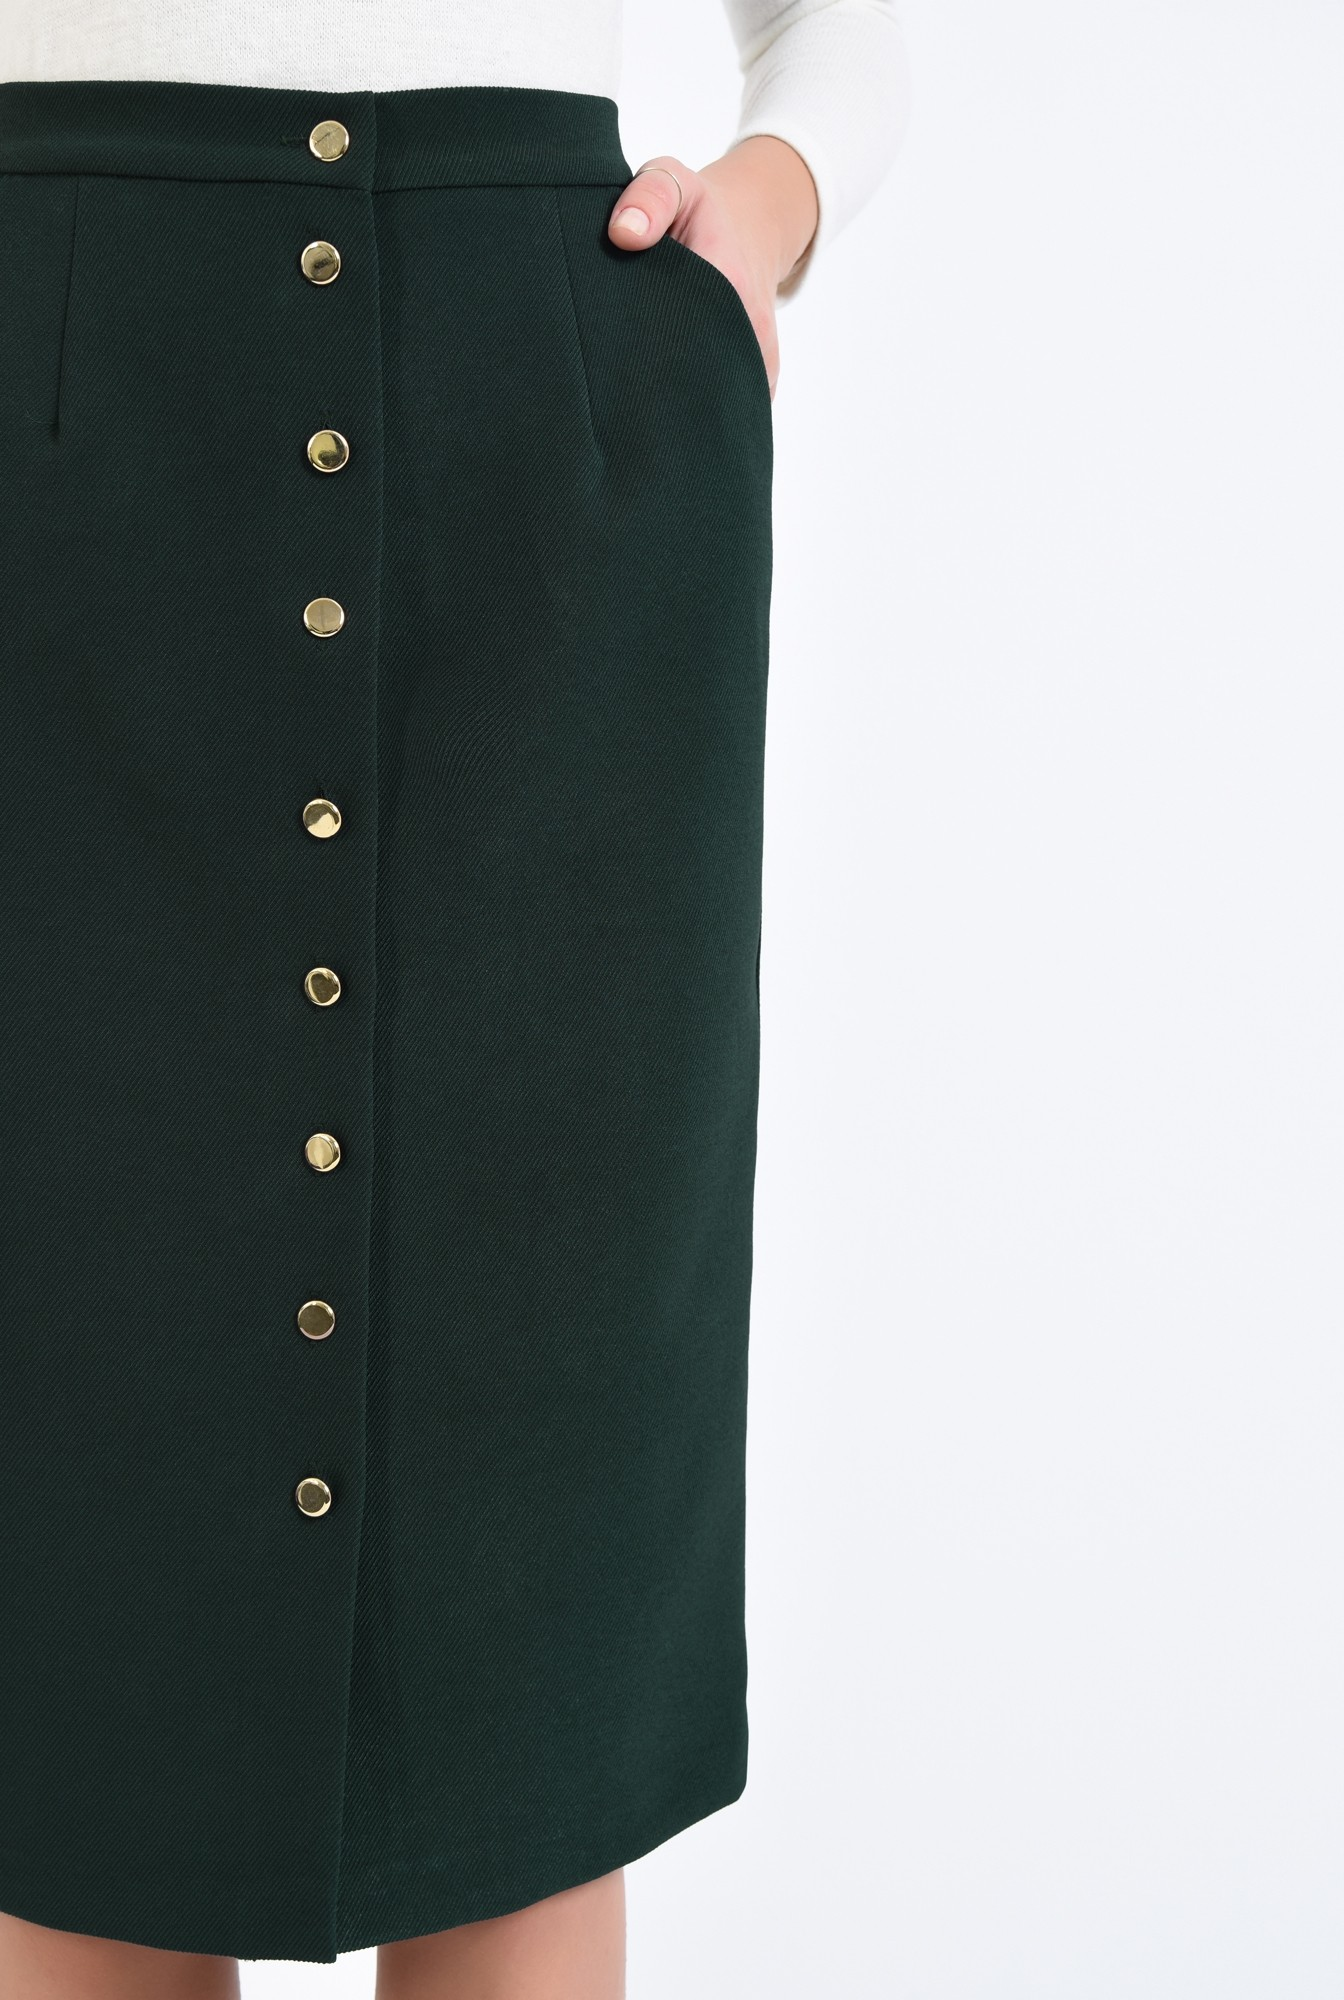 2 - fusta de zi, nasturi aurii, buzunare, talie inalta